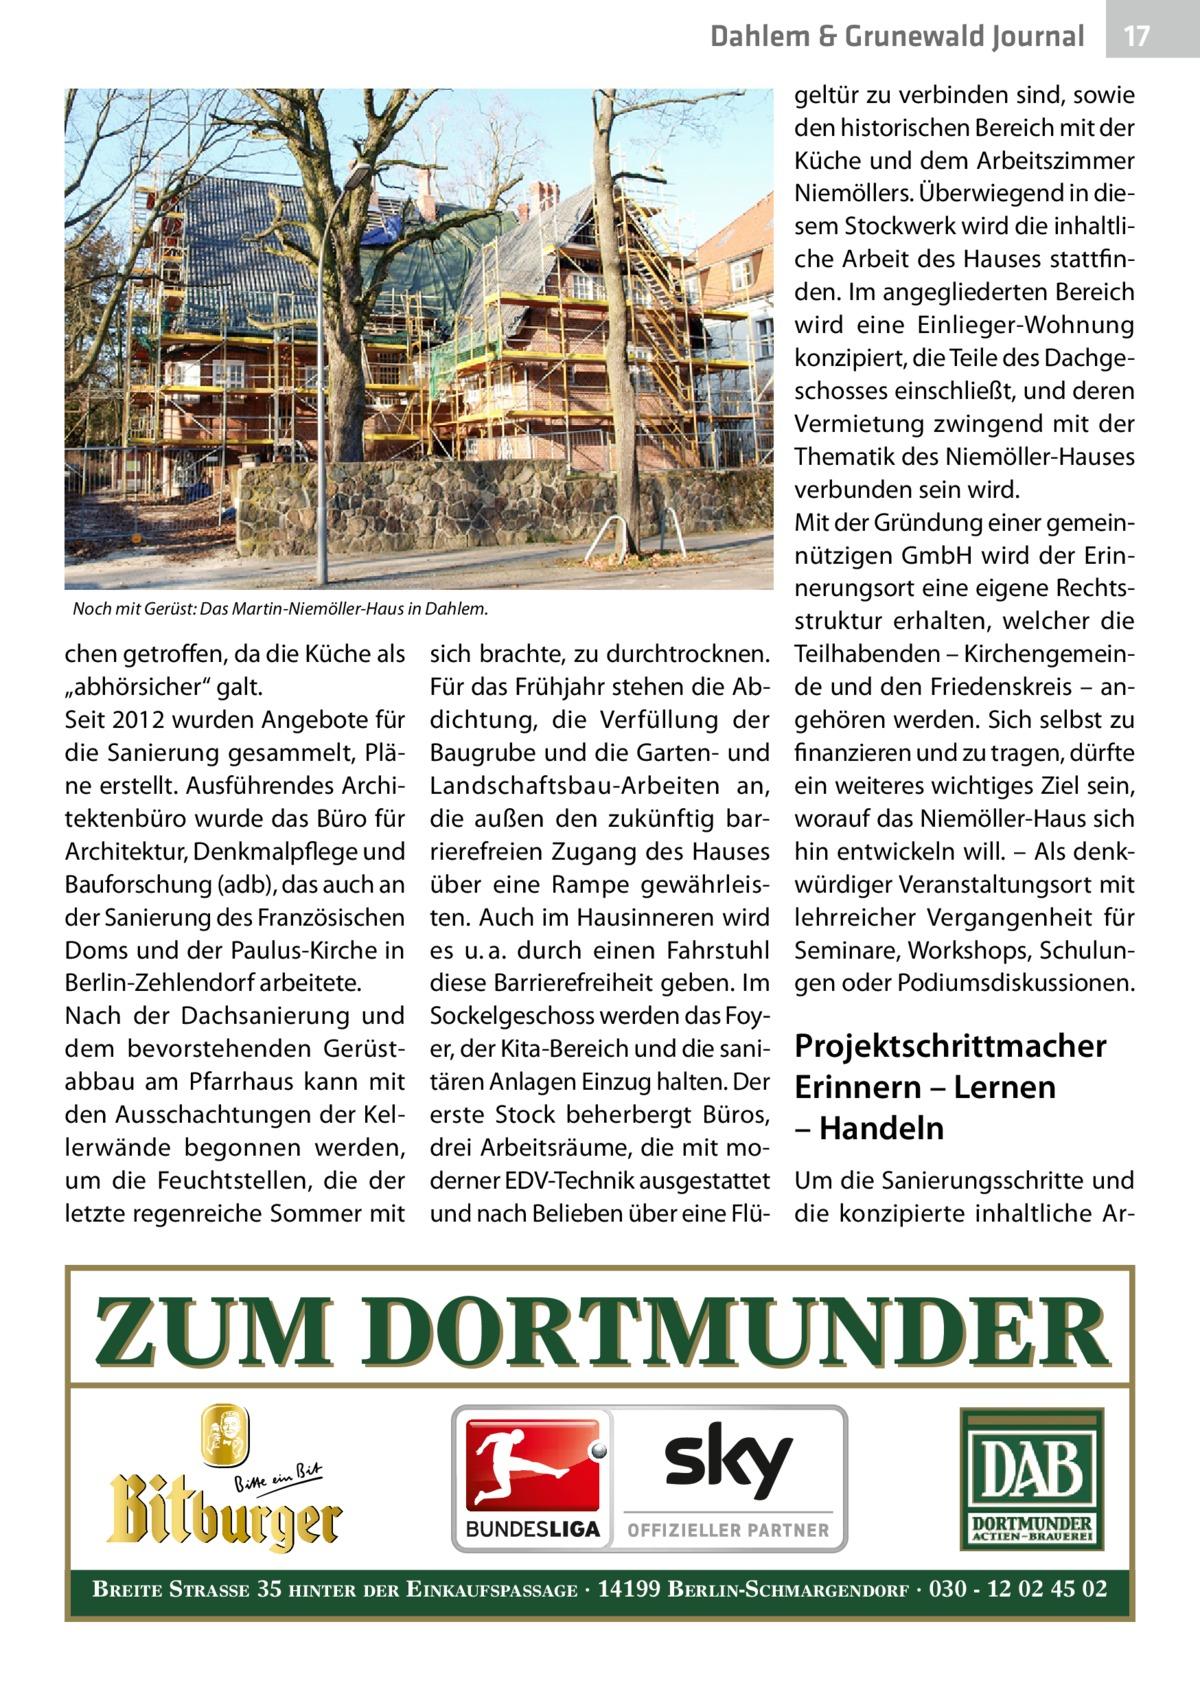 """Dahlem & Grunewald Journal  Noch mit Gerüst: Das Martin-Niemöller-Haus in Dahlem.  chen getroffen, da die Küche als """"abhörsicher"""" galt. Seit 2012 wurden Angebote für die Sanierung gesammelt, Pläne erstellt. Ausführendes Architektenbüro wurde das Büro für Architektur, Denkmalpflege und Bauforschung (adb), das auch an der Sanierung des Französischen Doms und der Paulus-Kirche in Berlin-Zehlendorf arbeitete. Nach der Dachsanierung und dem bevorstehenden Gerüstabbau am Pfarrhaus kann mit den Ausschachtungen der Kellerwände begonnen werden, um die Feuchtstellen, die der letzte regenreiche Sommer mit  17 17  geltür zu verbinden sind, sowie den historischen Bereich mit der Küche und dem Arbeitszimmer Niemöllers. Überwiegend in diesem Stockwerk wird die inhaltliche Arbeit des Hauses stattfinden. Im angegliederten Bereich wird eine Einlieger-Wohnung konzipiert, die Teile des Dachgeschosses einschließt, und deren Vermietung zwingend mit der Thematik des Niemöller-Hauses verbunden sein wird. Mit der Gründung einer gemeinnützigen GmbH wird der Erinnerungsort eine eigene Rechtsstruktur erhalten, welcher die Teilhabenden – Kirchengemeinde und den Friedenskreis – angehören werden. Sich selbst zu finanzieren und zu tragen, dürfte ein weiteres wichtiges Ziel sein, worauf das Niemöller-Haus sich hin entwickeln will. – Als denkwürdiger Veranstaltungsort mit lehrreicher Vergangenheit für Seminare, Workshops, Schulungen oder Podiumsdiskussionen.  sich brachte, zu durchtrocknen. Für das Frühjahr stehen die Abdichtung, die Verfüllung der Baugrube und die Garten- und Landschaftsbau-Arbeiten an, die außen den zukünftig barrierefreien Zugang des Hauses über eine Rampe gewährleisten. Auch im Hausinneren wird es u.a. durch einen Fahrstuhl diese Barrierefreiheit geben. Im Sockelgeschoss werden das Foyer, der Kita-Bereich und die sani- Projektschrittmacher tären Anlagen Einzug halten. Der Erinnern – Lernen erste Stock beherbergt Büros, – Handeln drei Arbeitsräume, die mit moderner EDV-Technik au"""